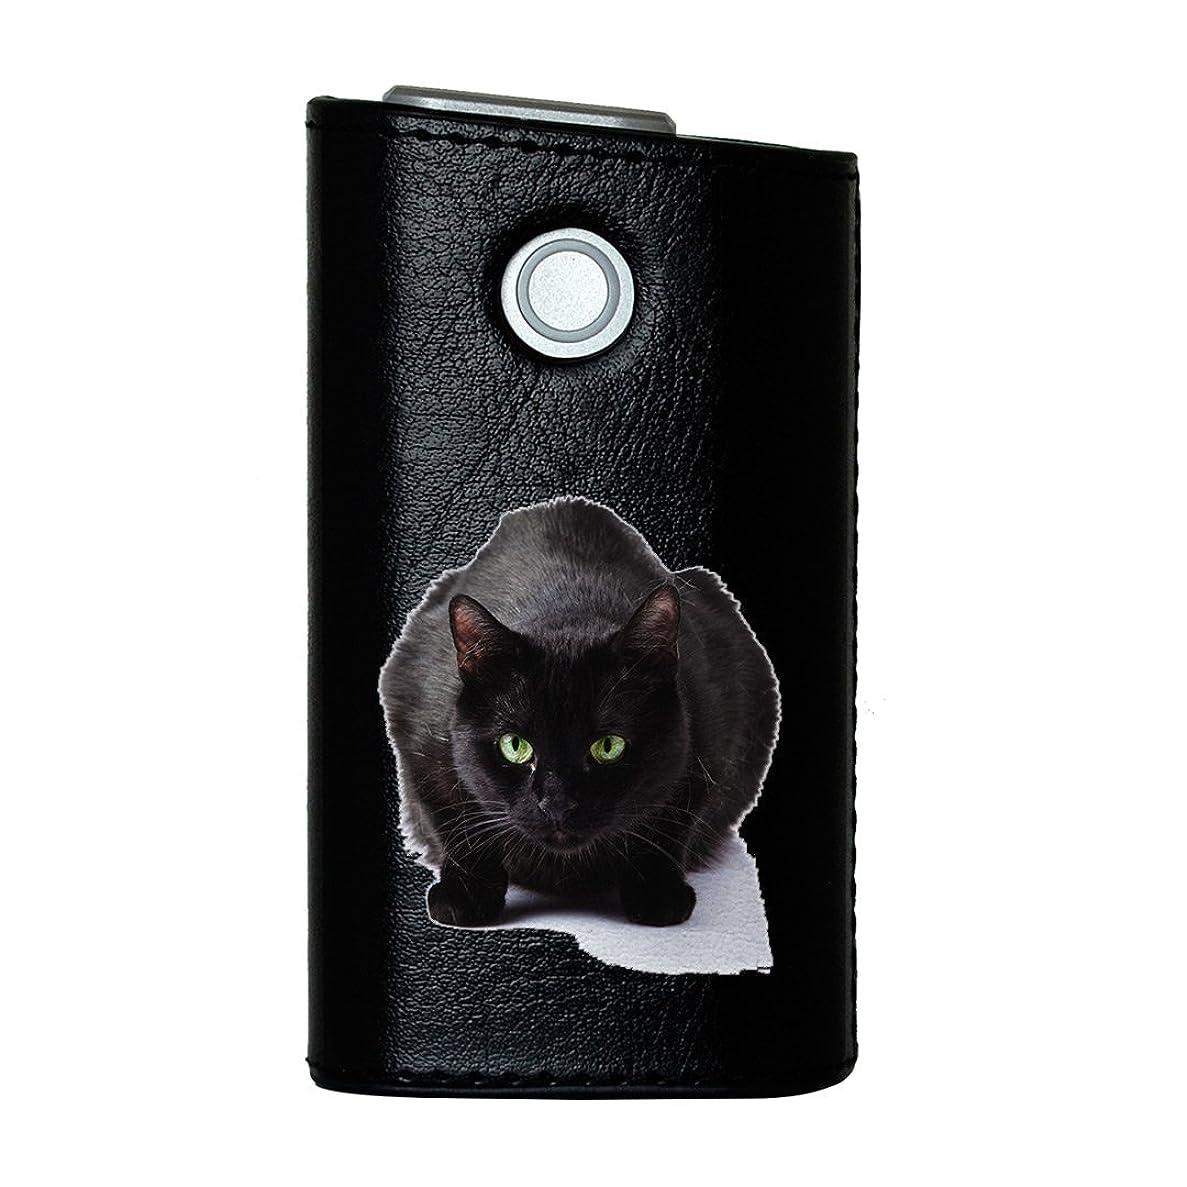 診断するそれに応じて平凡glo グロー グロウ 専用 レザーケース レザーカバー タバコ ケース カバー 合皮 ハードケース カバー 収納 デザイン 革 皮 BLACK ブラック 写真?風景 アニマル 写真 動物 ねこ 猫 005958